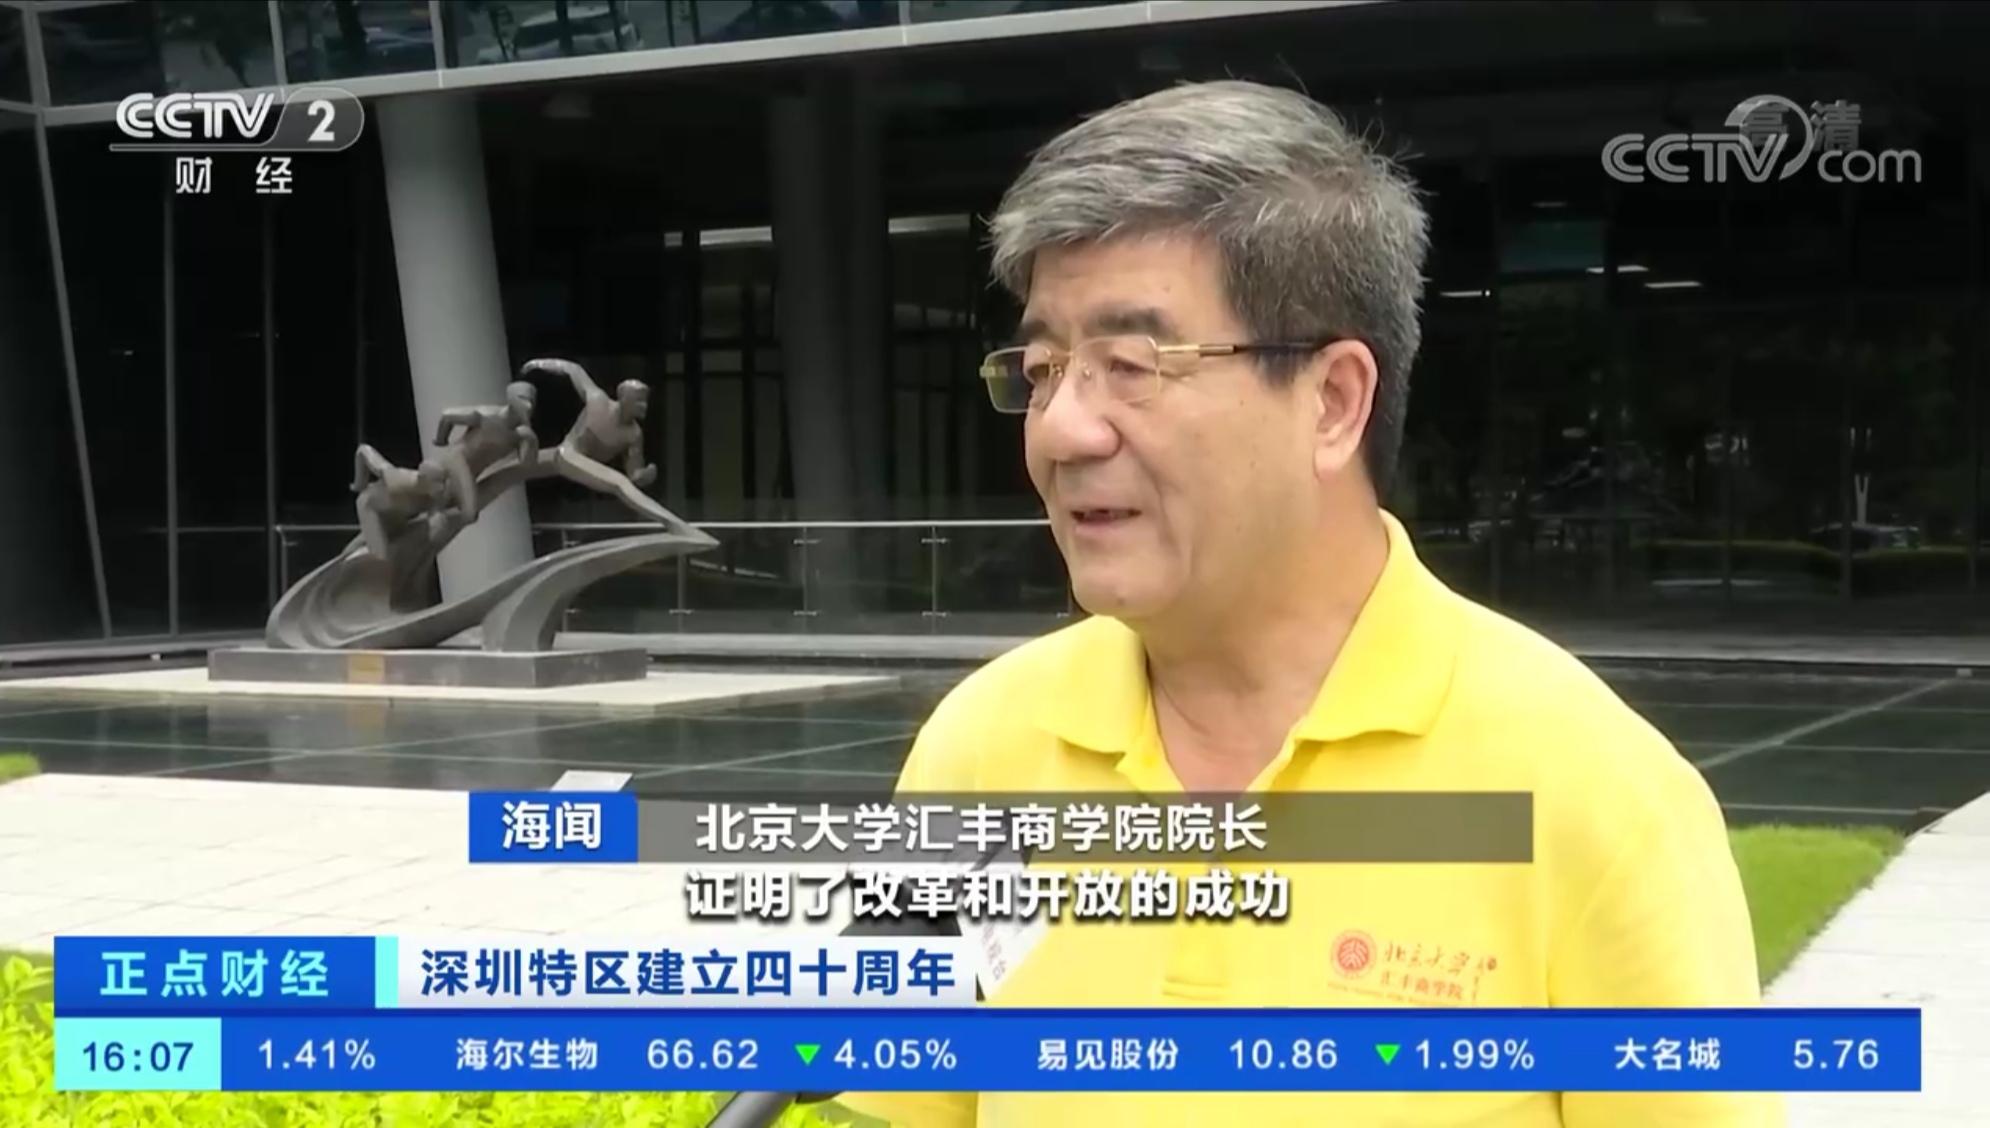 【CCTV-2】海闻:深圳的经验证明了改革和开放的成功